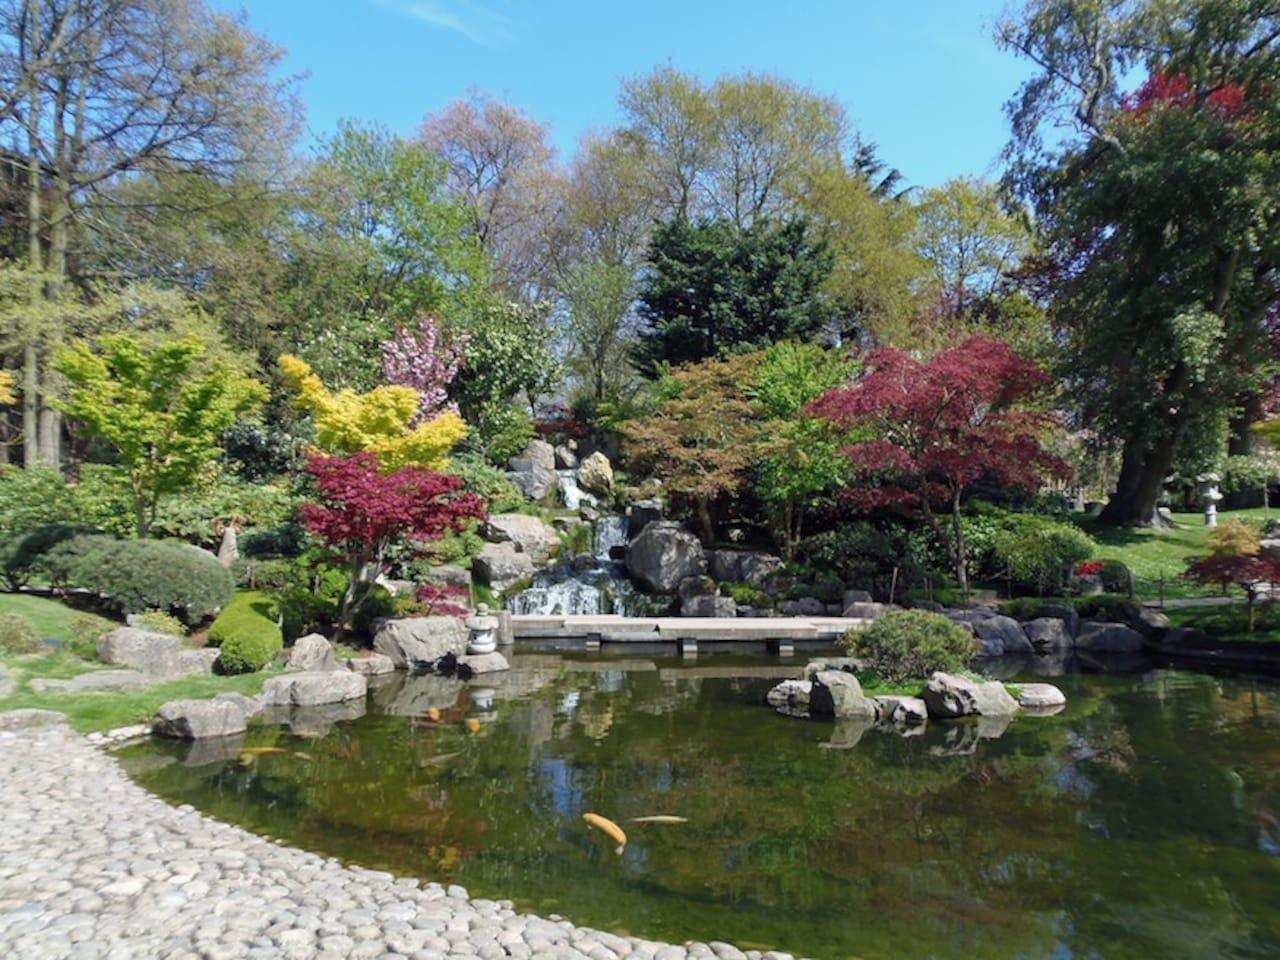 Kyoto Garden in nearby Holland Park